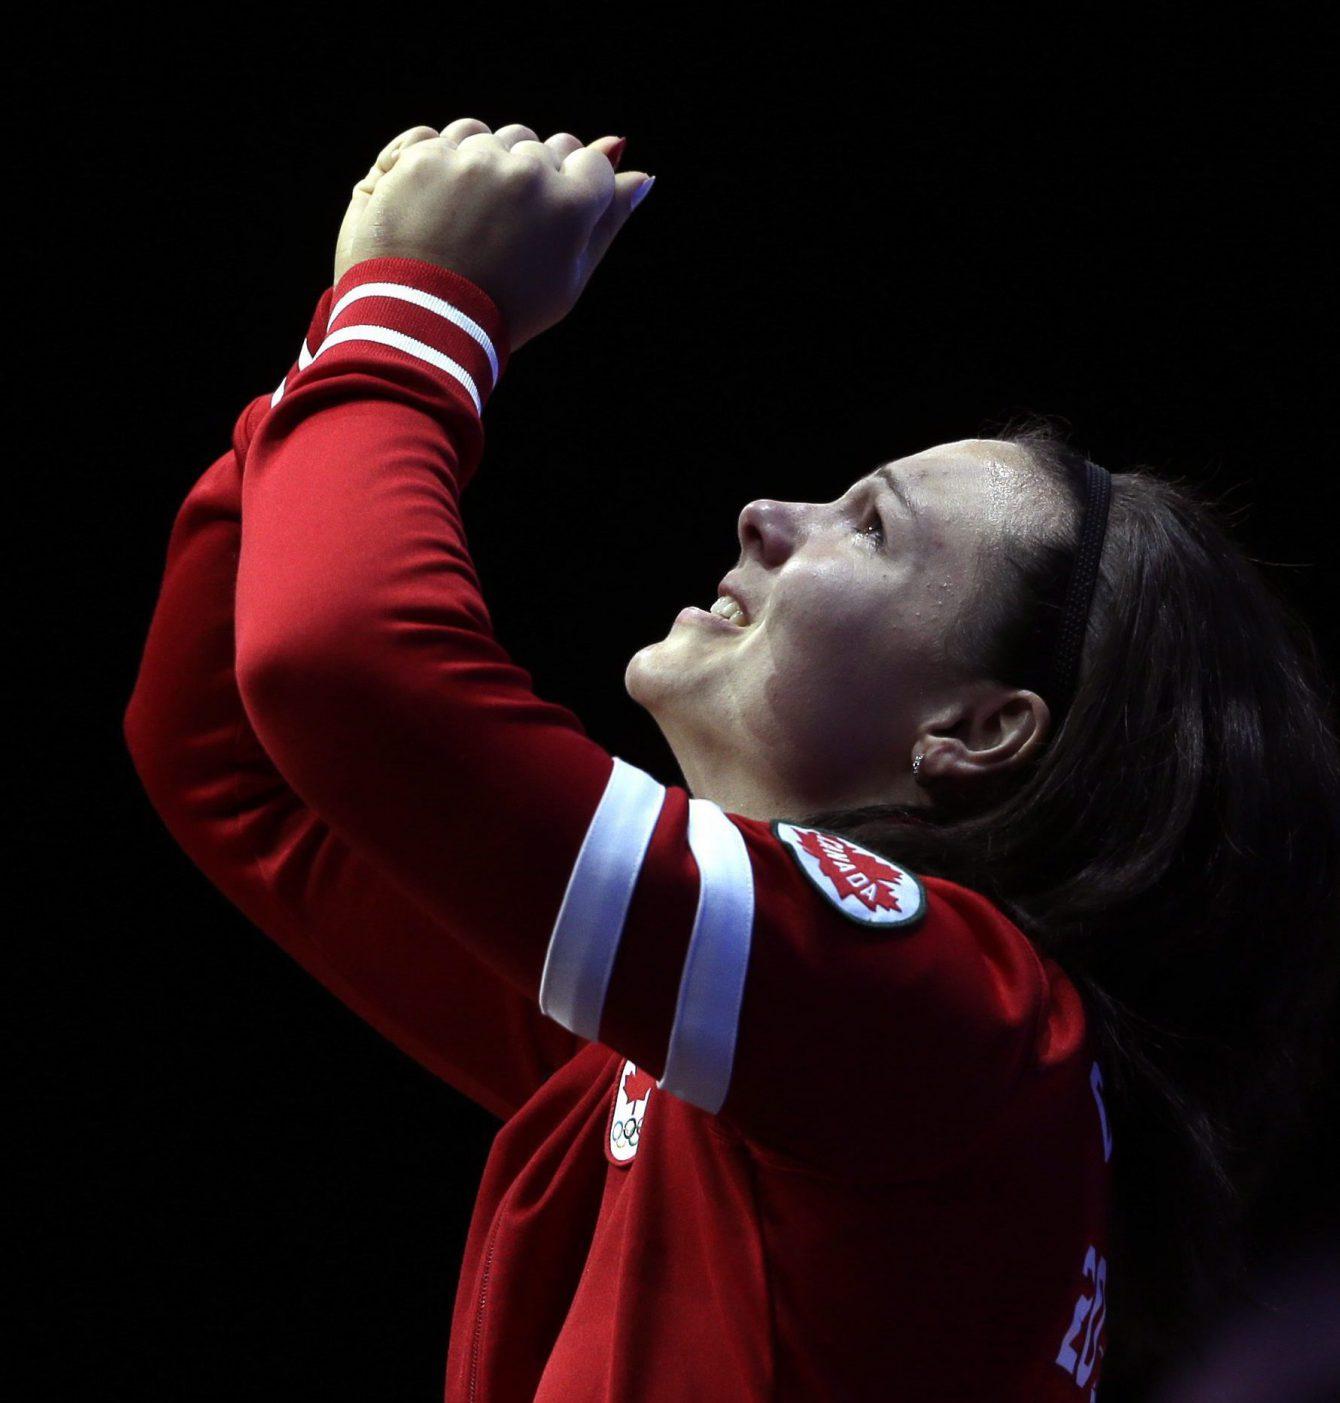 Christine Girard d'Équipe Canada après avoir remporté la médaille de bronze de l'épreuve d'haltérophilie des 63 kg à Londres 2012, le 31 juillet 2012. (AP Photo/Mike Groll)